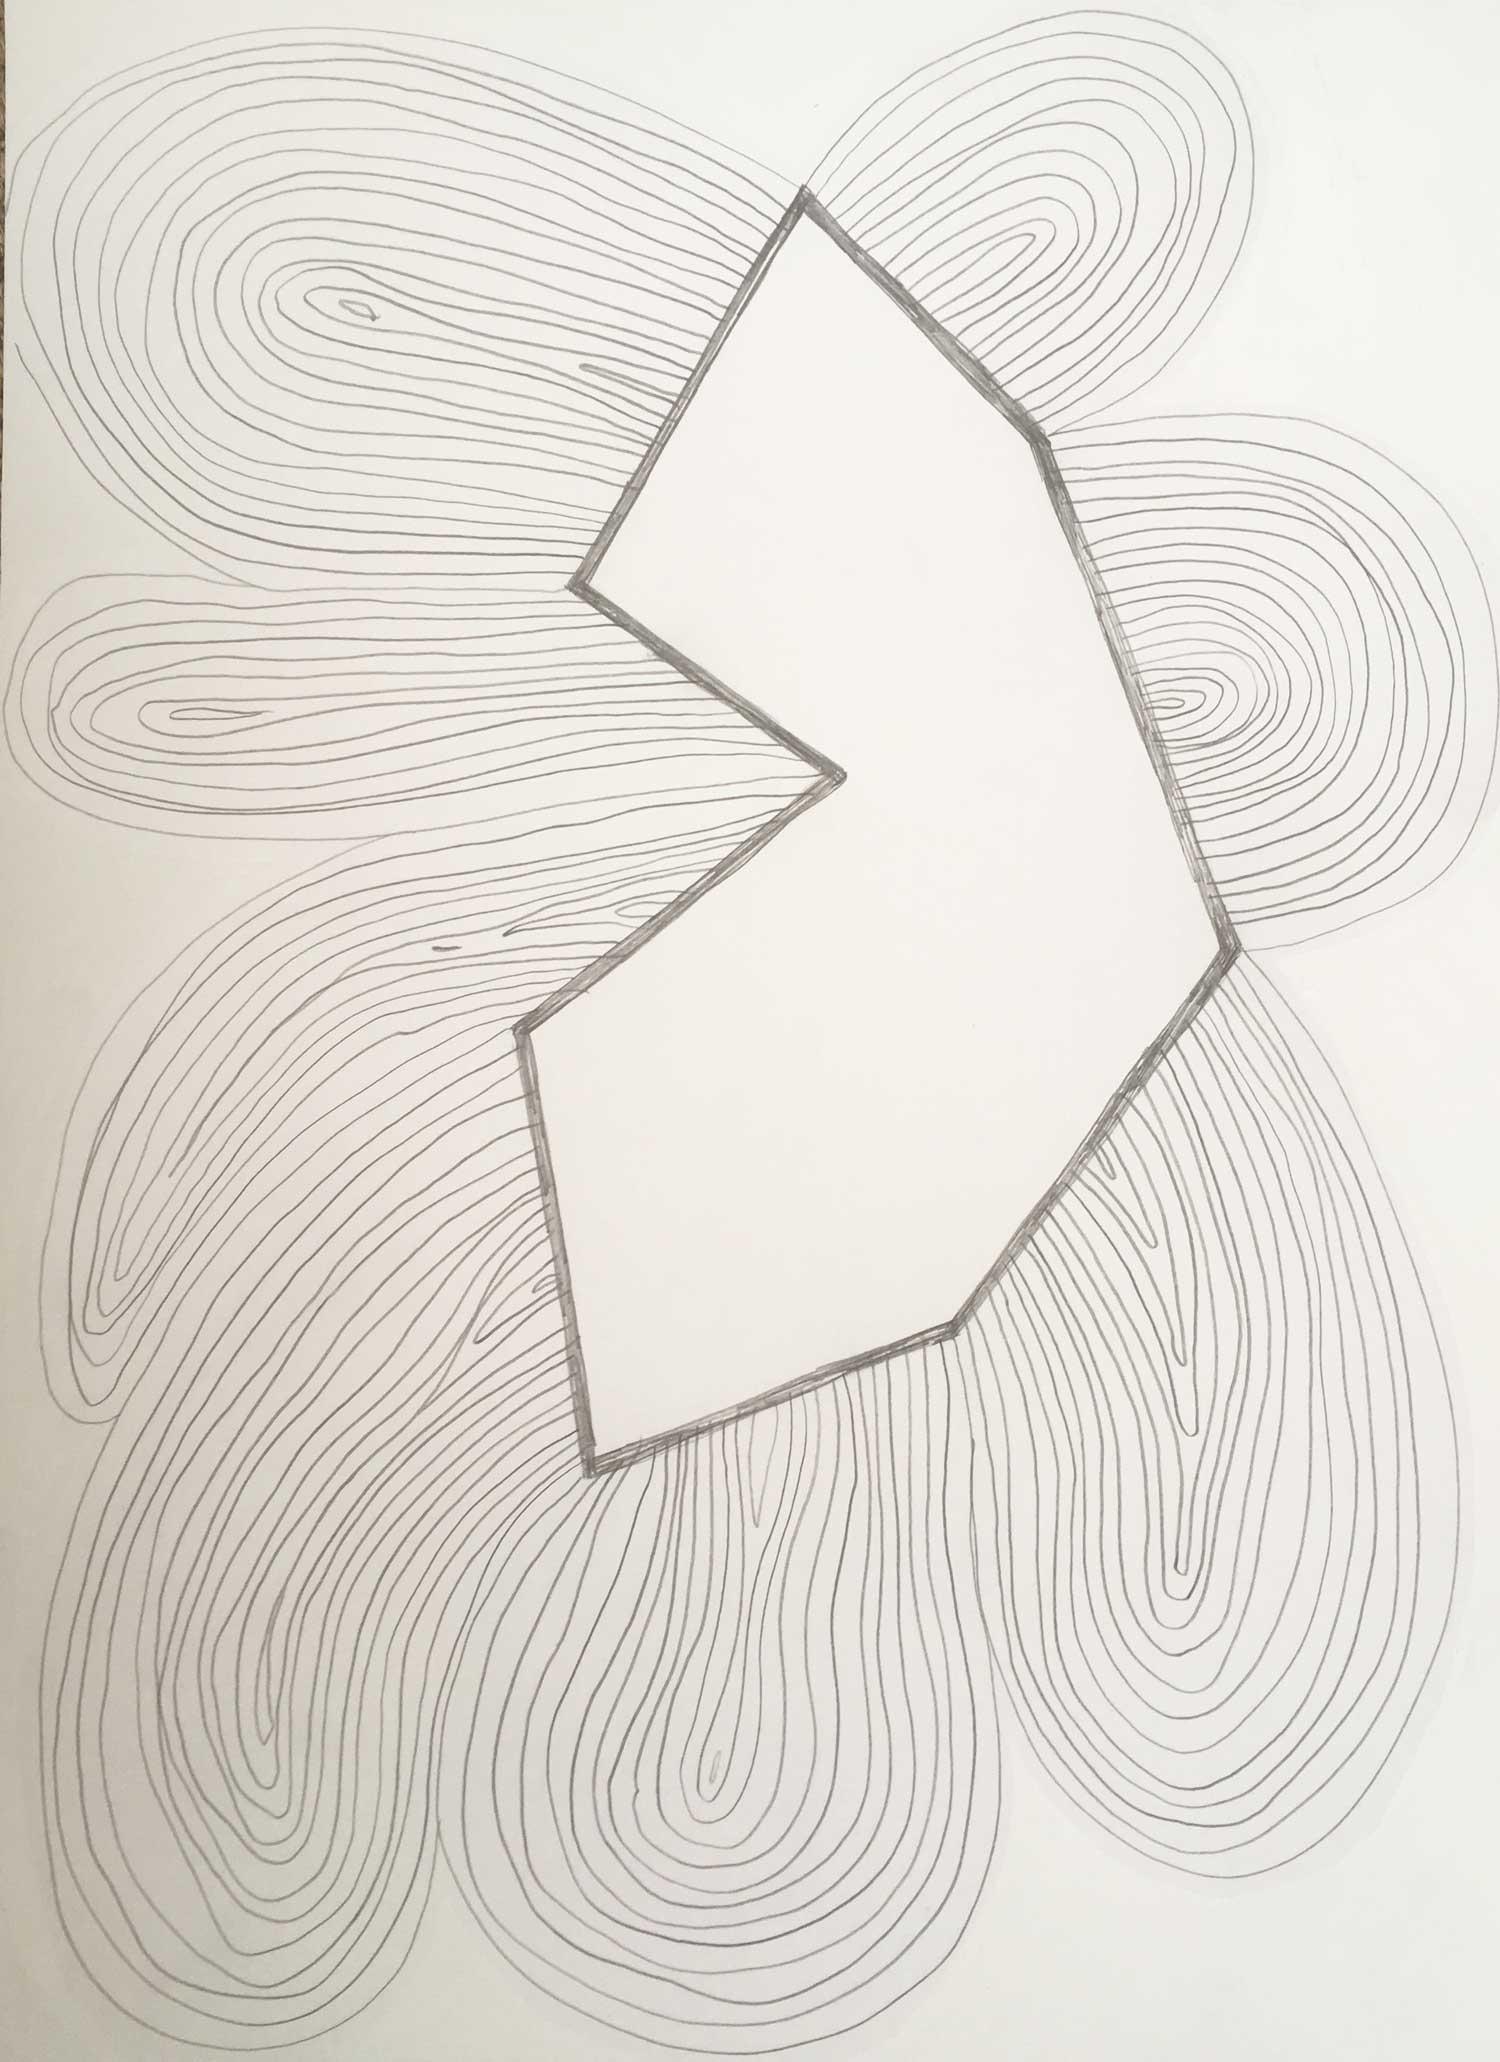 rebecca_bramwell_sketchbook.jpg